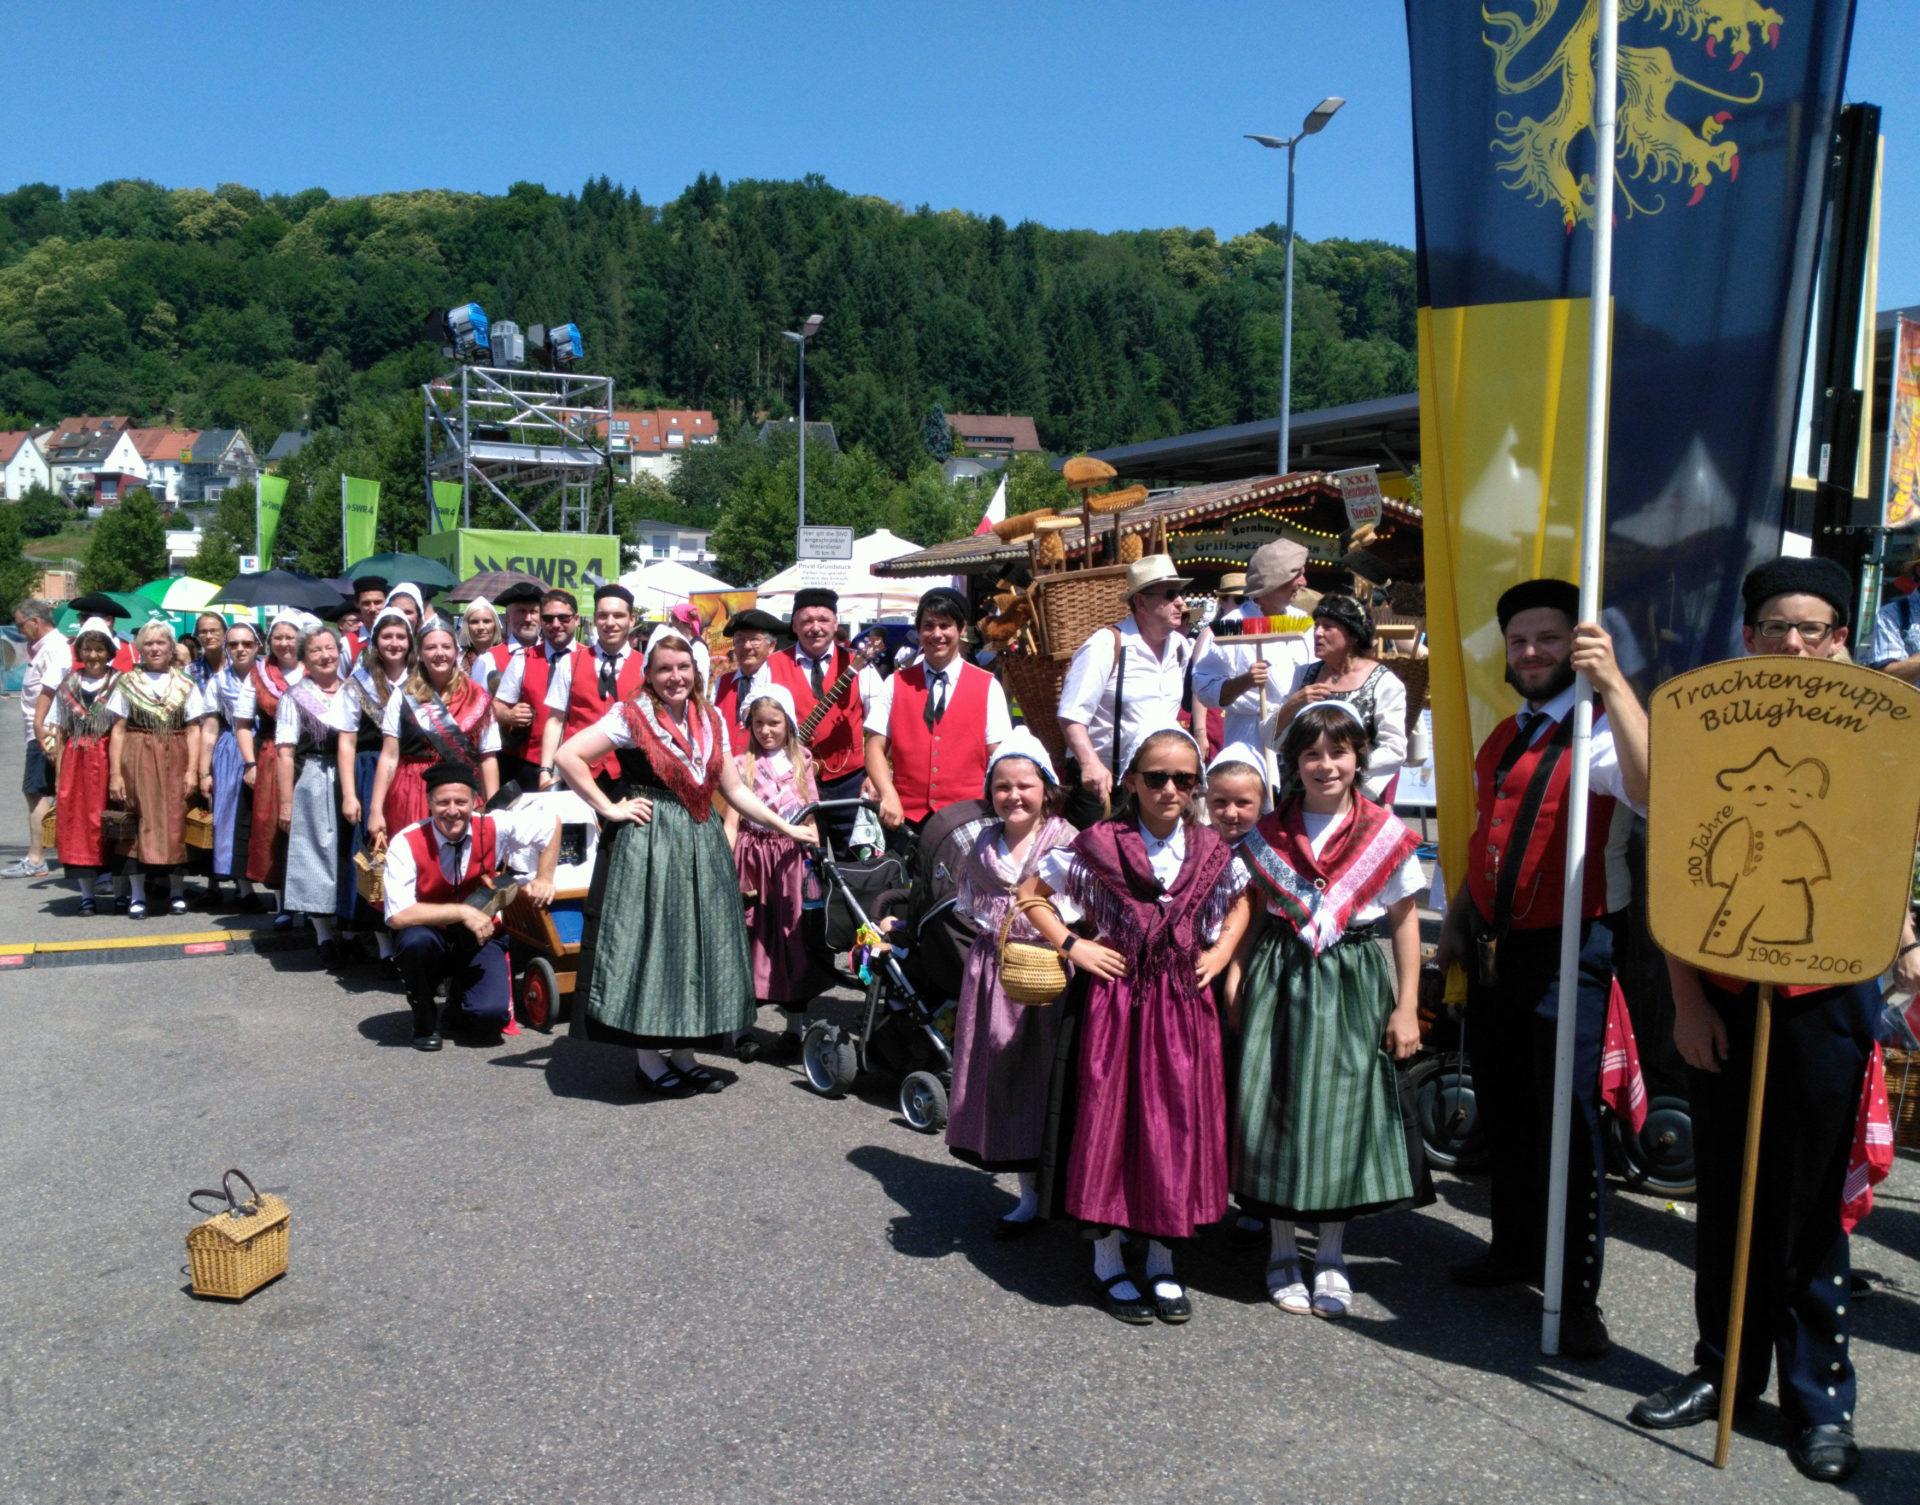 Rheinland-Pfalz-Tag in Annweiler